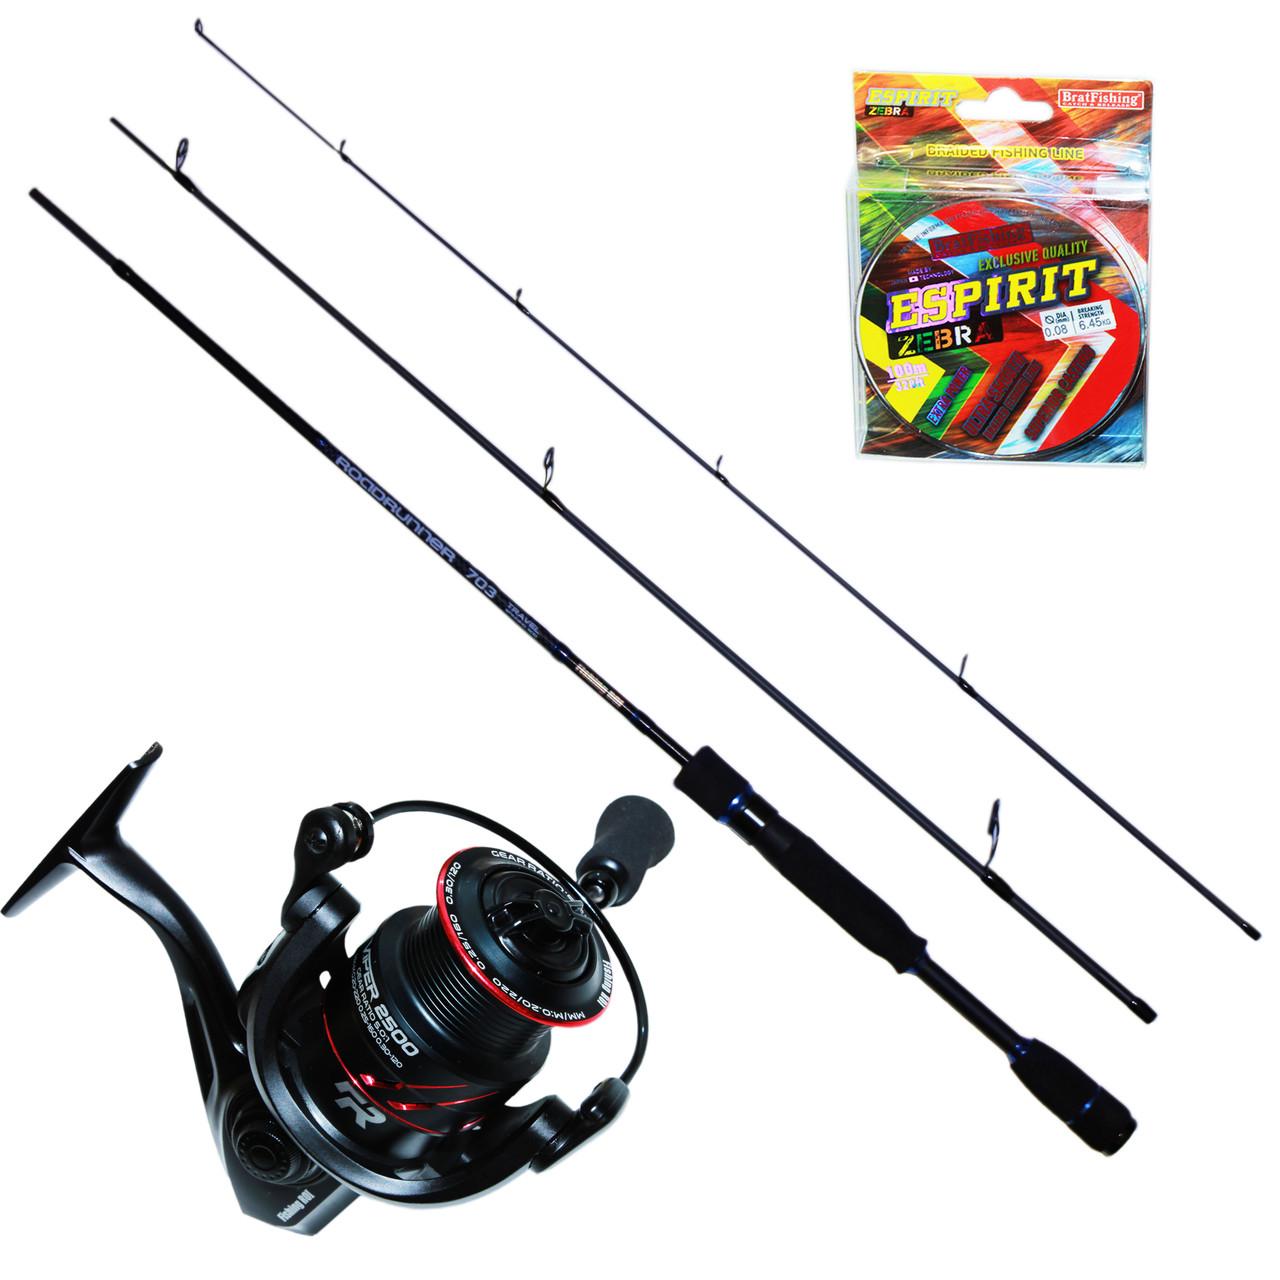 Набір Viper 2500 для лову хижої риби